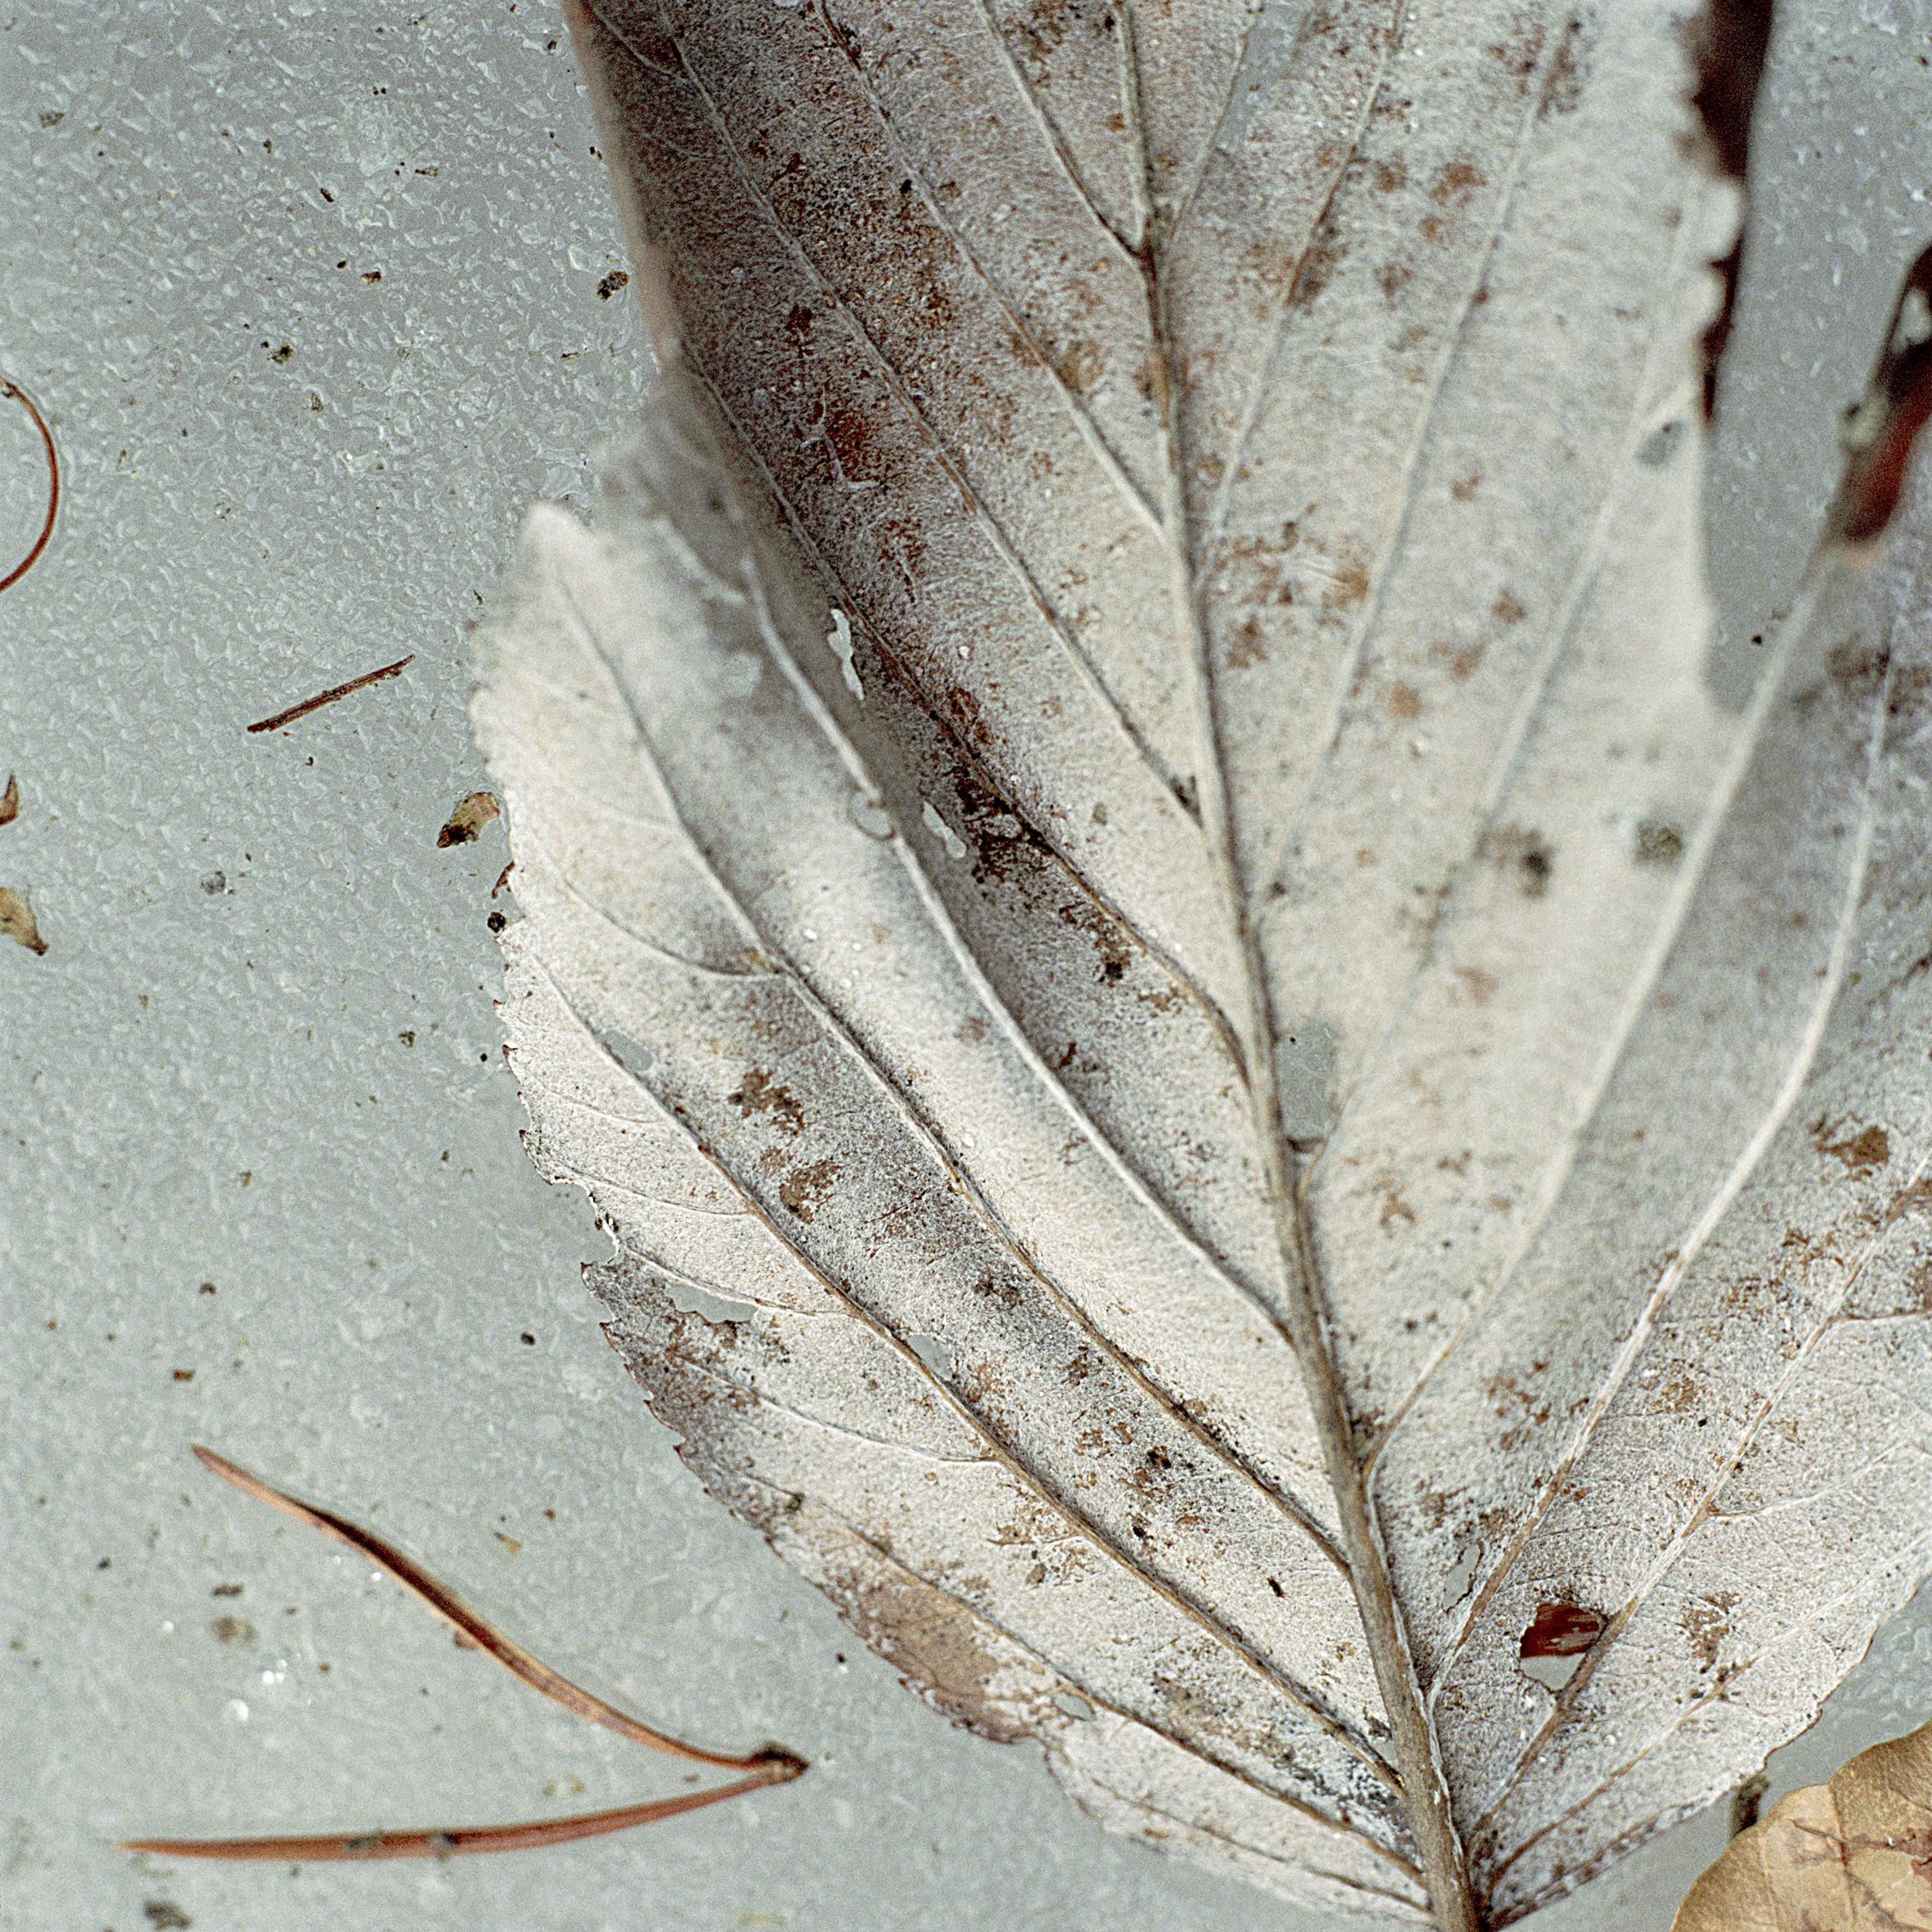 laura_hynd_leaf_ice.jpg